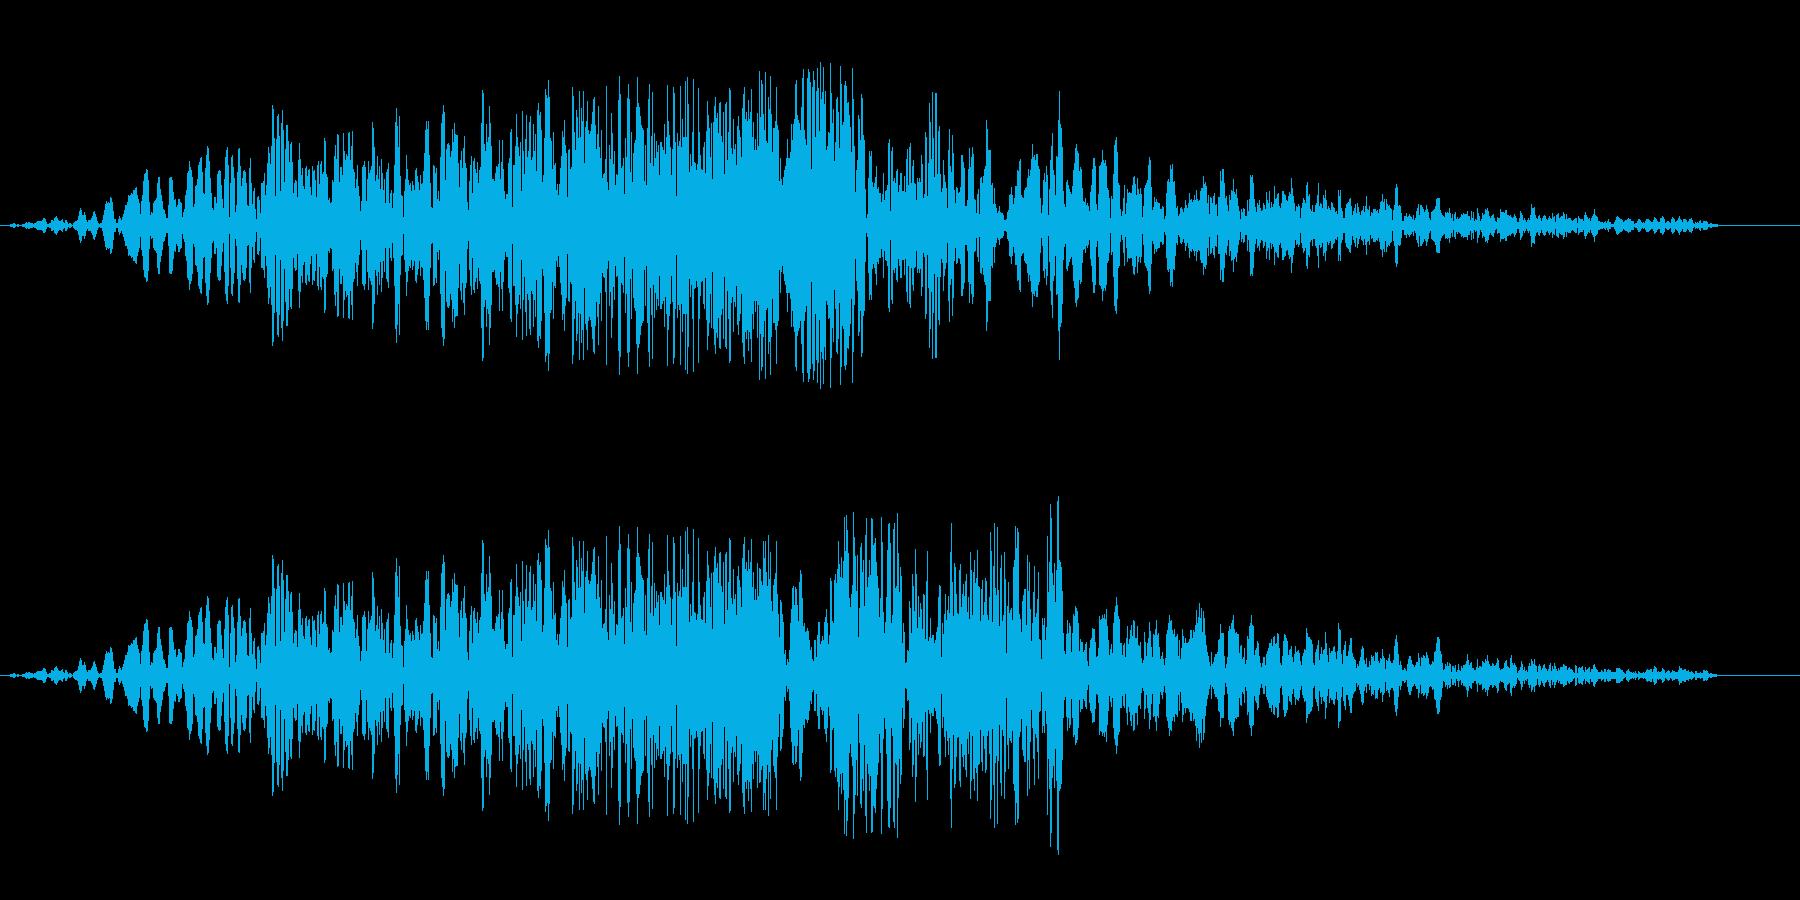 シュイビシューン(通過の音色)の再生済みの波形